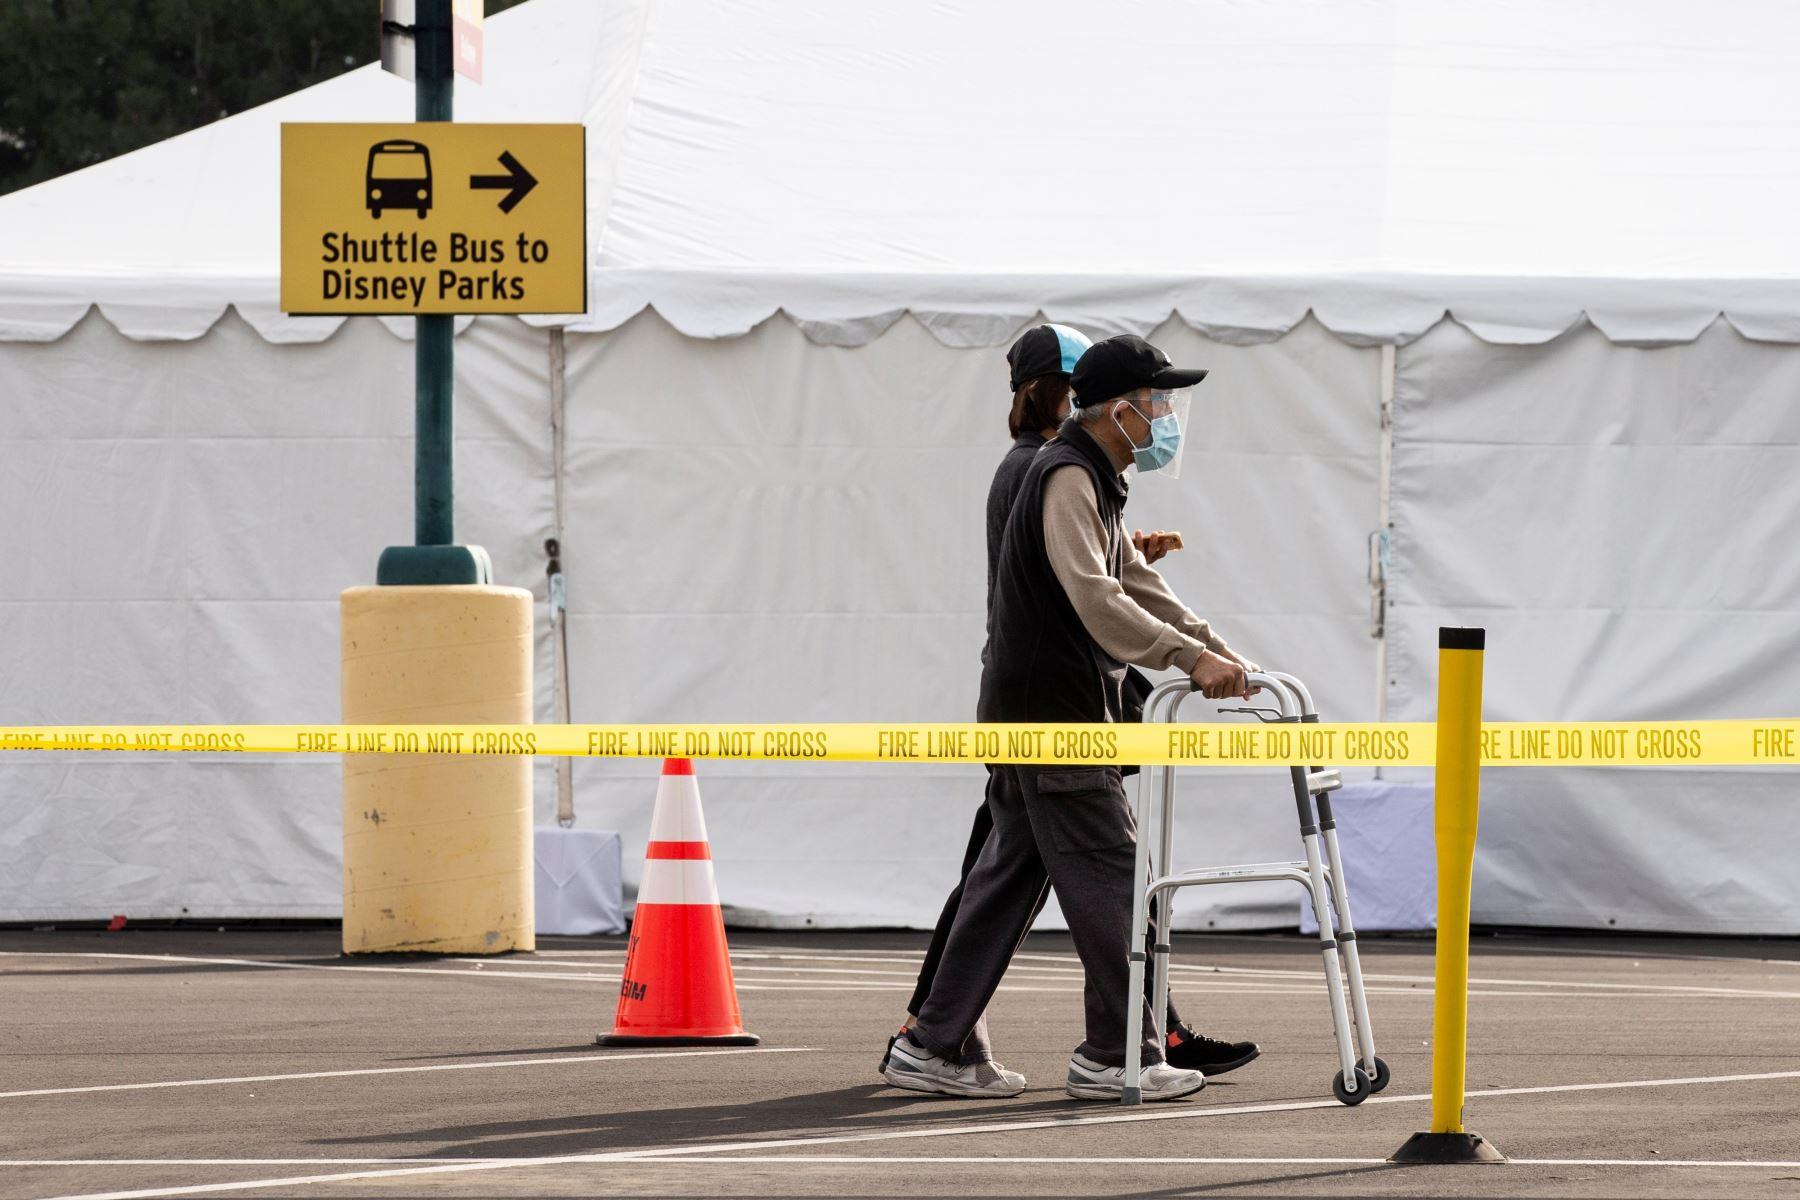 Las personas se van después de recibir la vacuna covid-19 en un estacionamiento de Disneyland en Anaheim, California. Foto: EFE